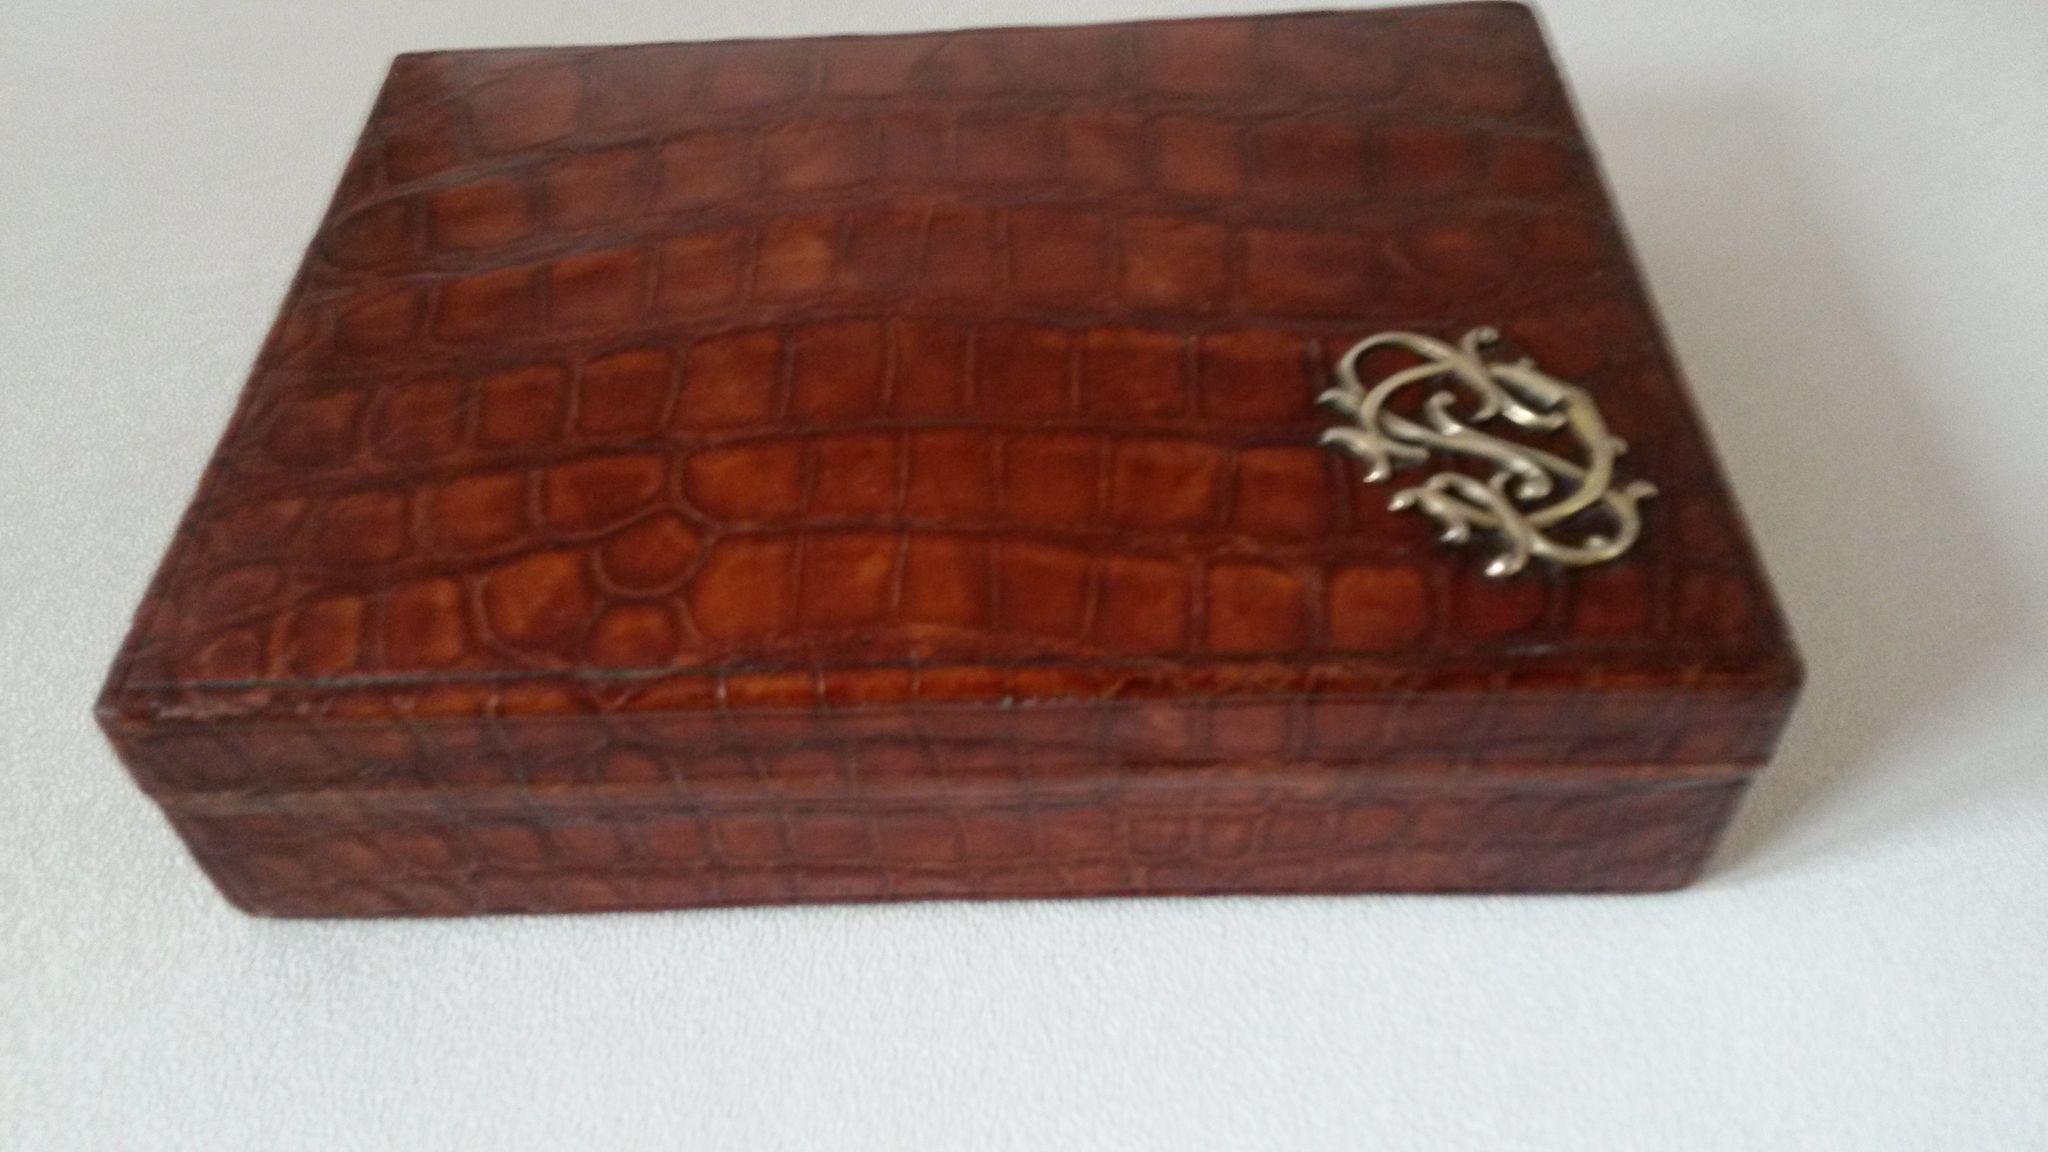 Edwardian crocodile jewelry box with initials from oscar1 for Jewelry box with initials